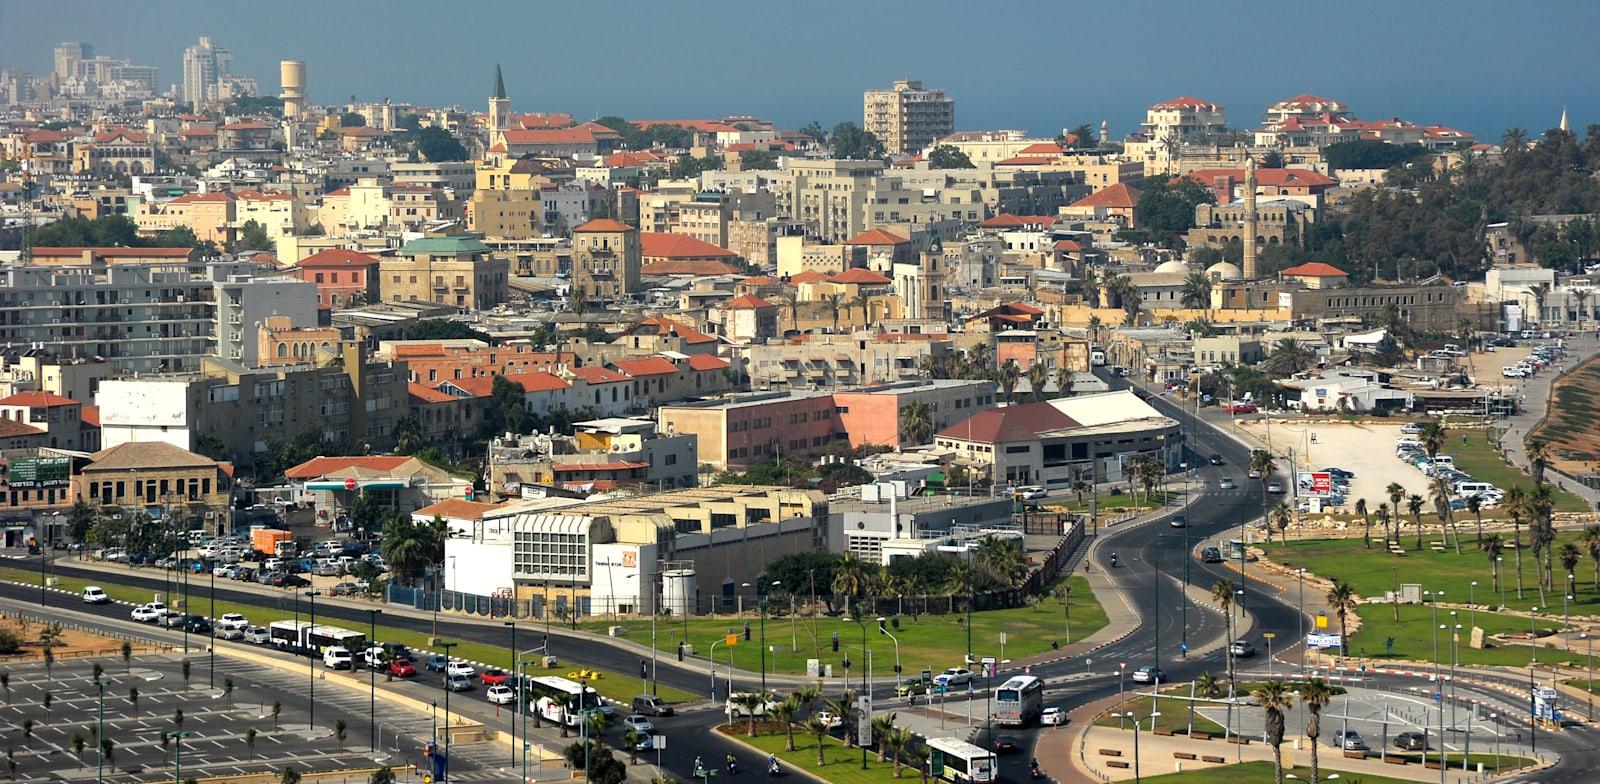 Jaffa  credit: Eyal Izhar